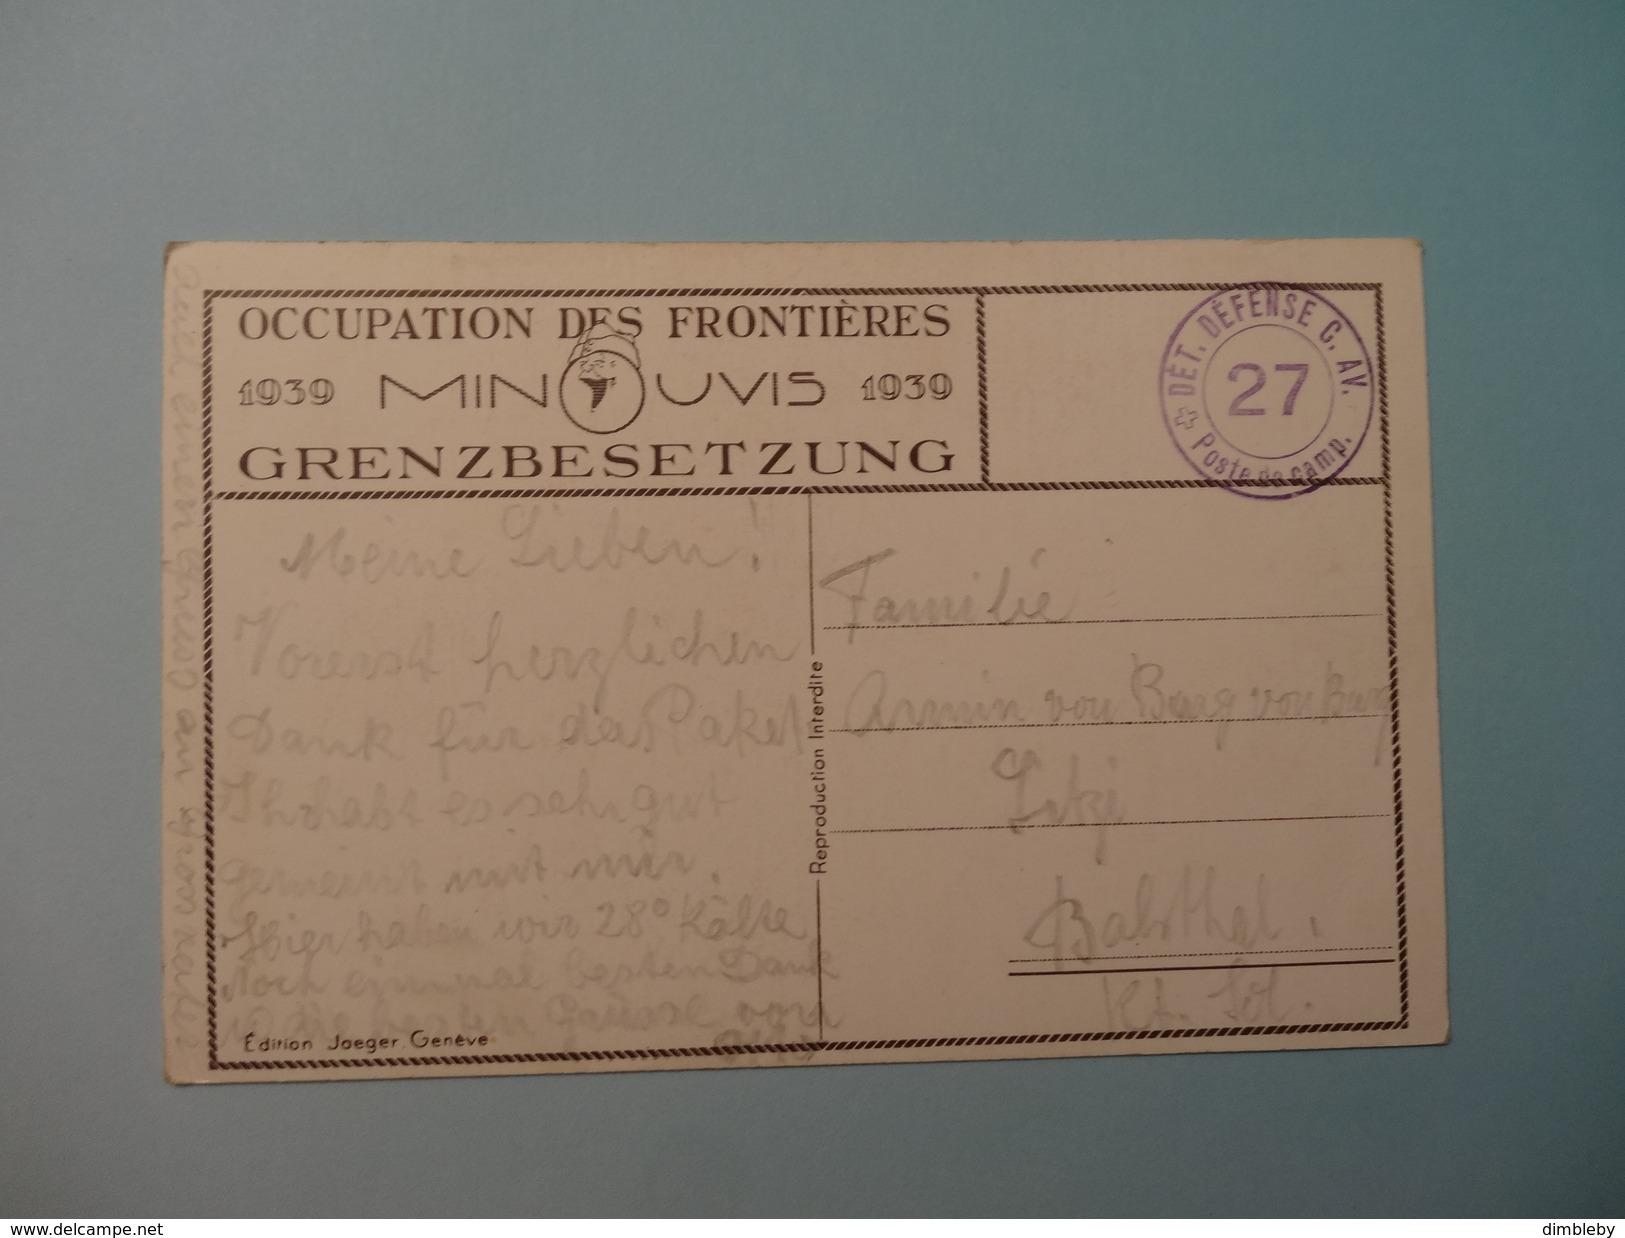 Militär - Humor - Minouvis / Grenzbesetzung 1939 (300) - Switzerland